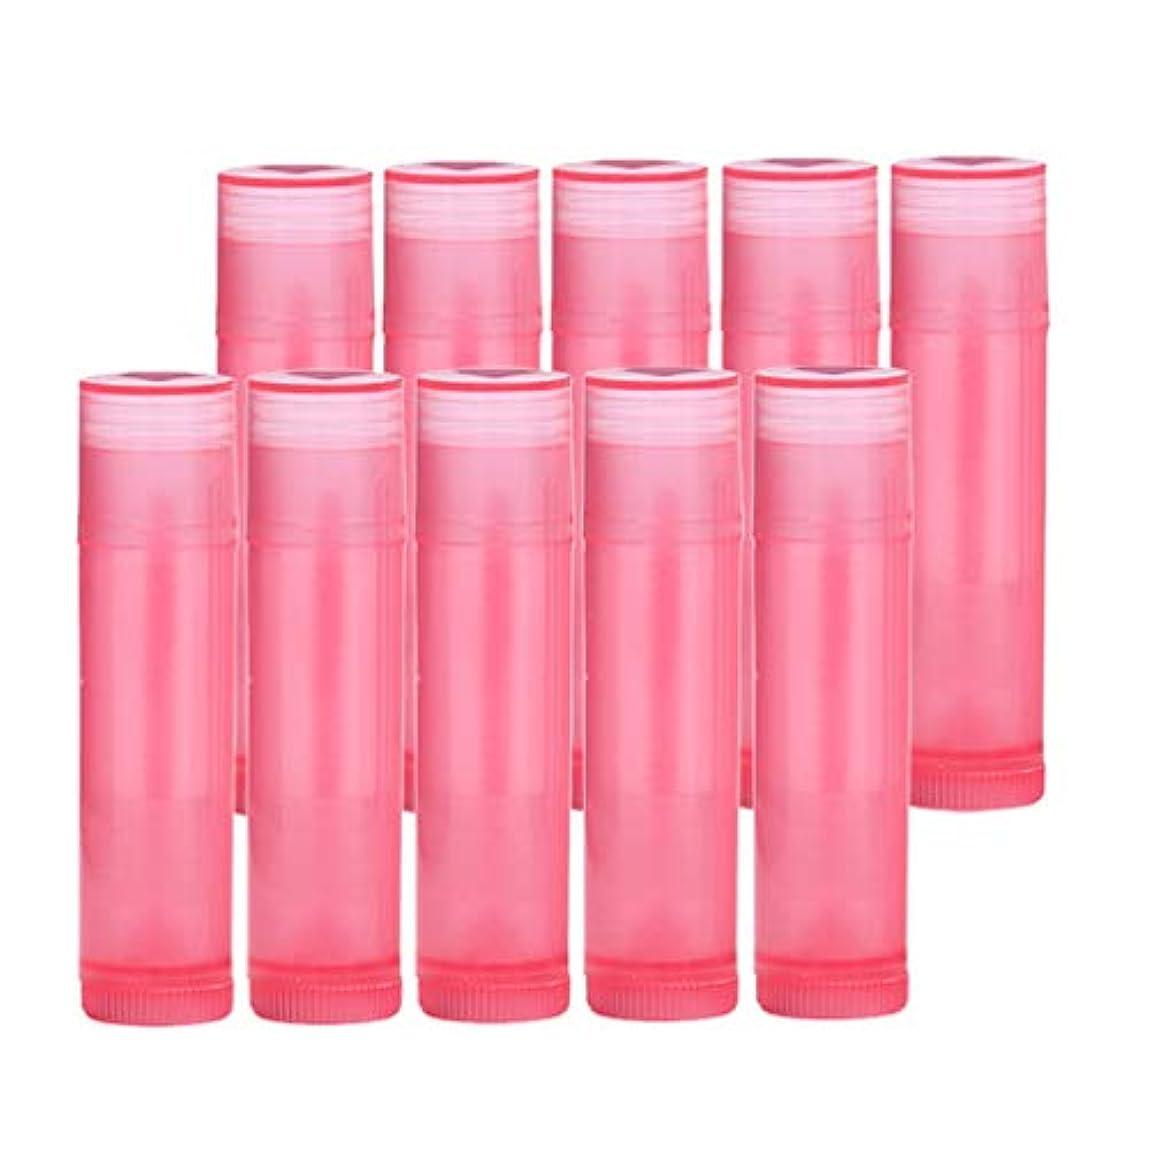 寝室最も遠い多用途プラスチック 空 口紅容器 口紅の管 リップクリーム容器 10個 全7色 - ローズレッド